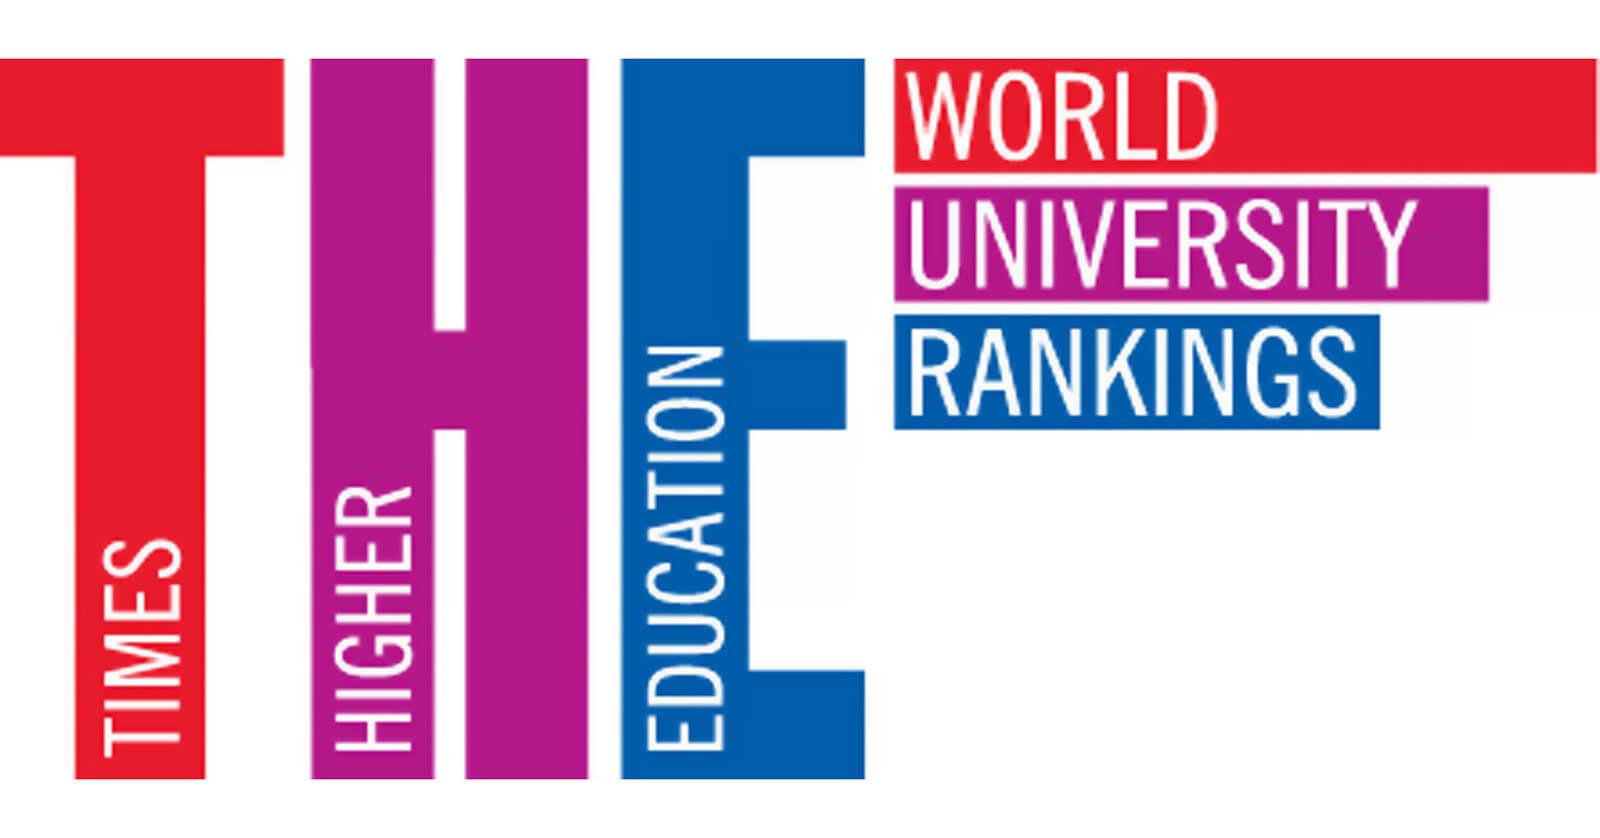 Confira as melhores universidades do mundo pela Times Higher Education